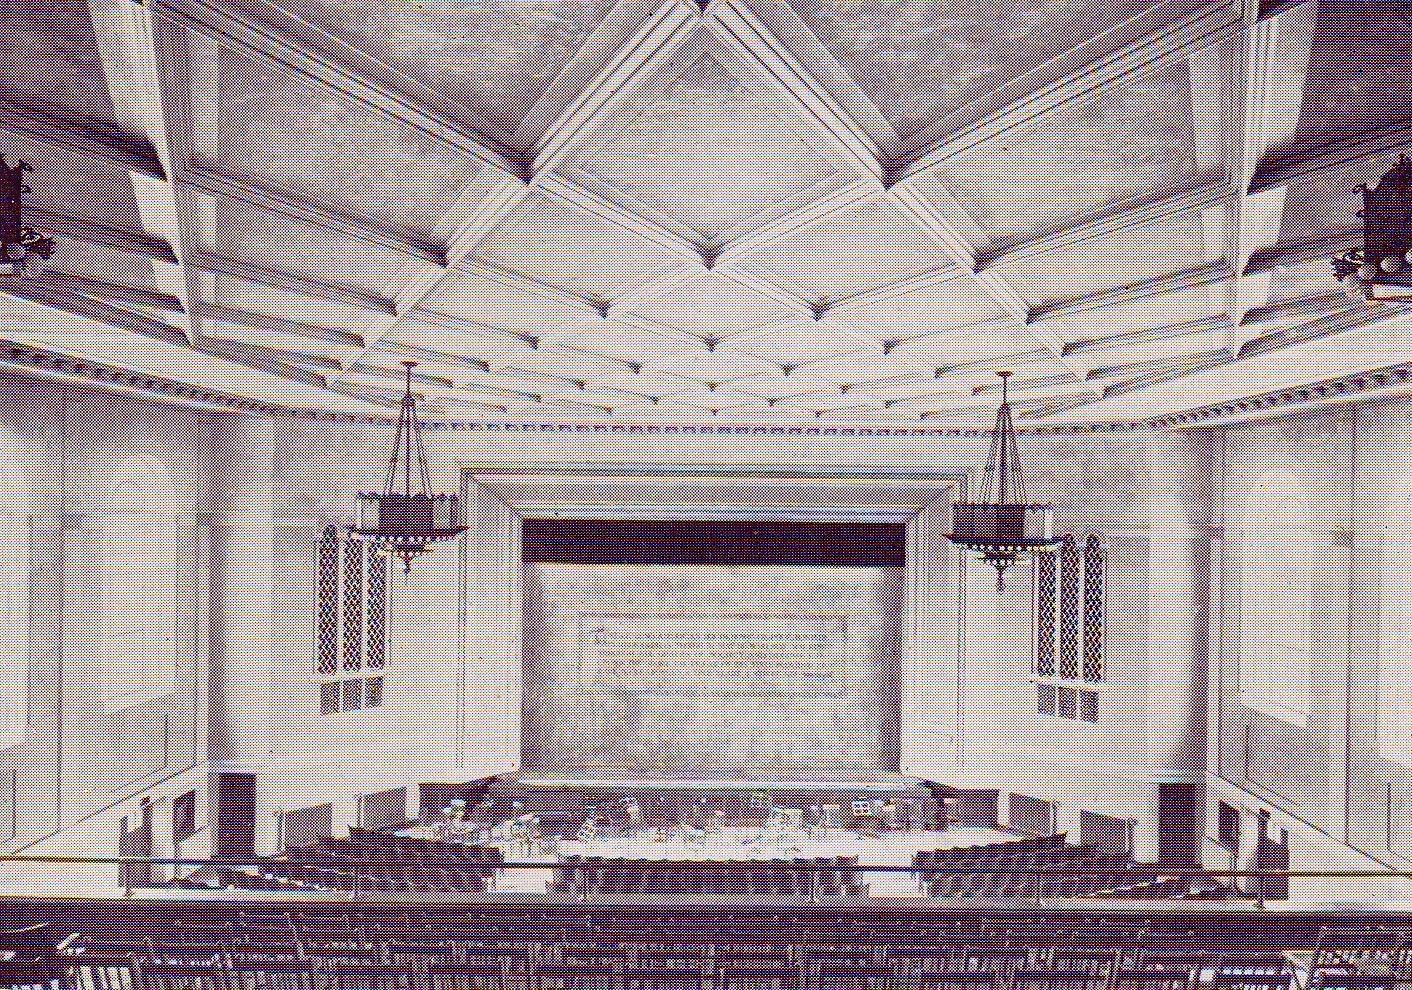 The Original Auditorium